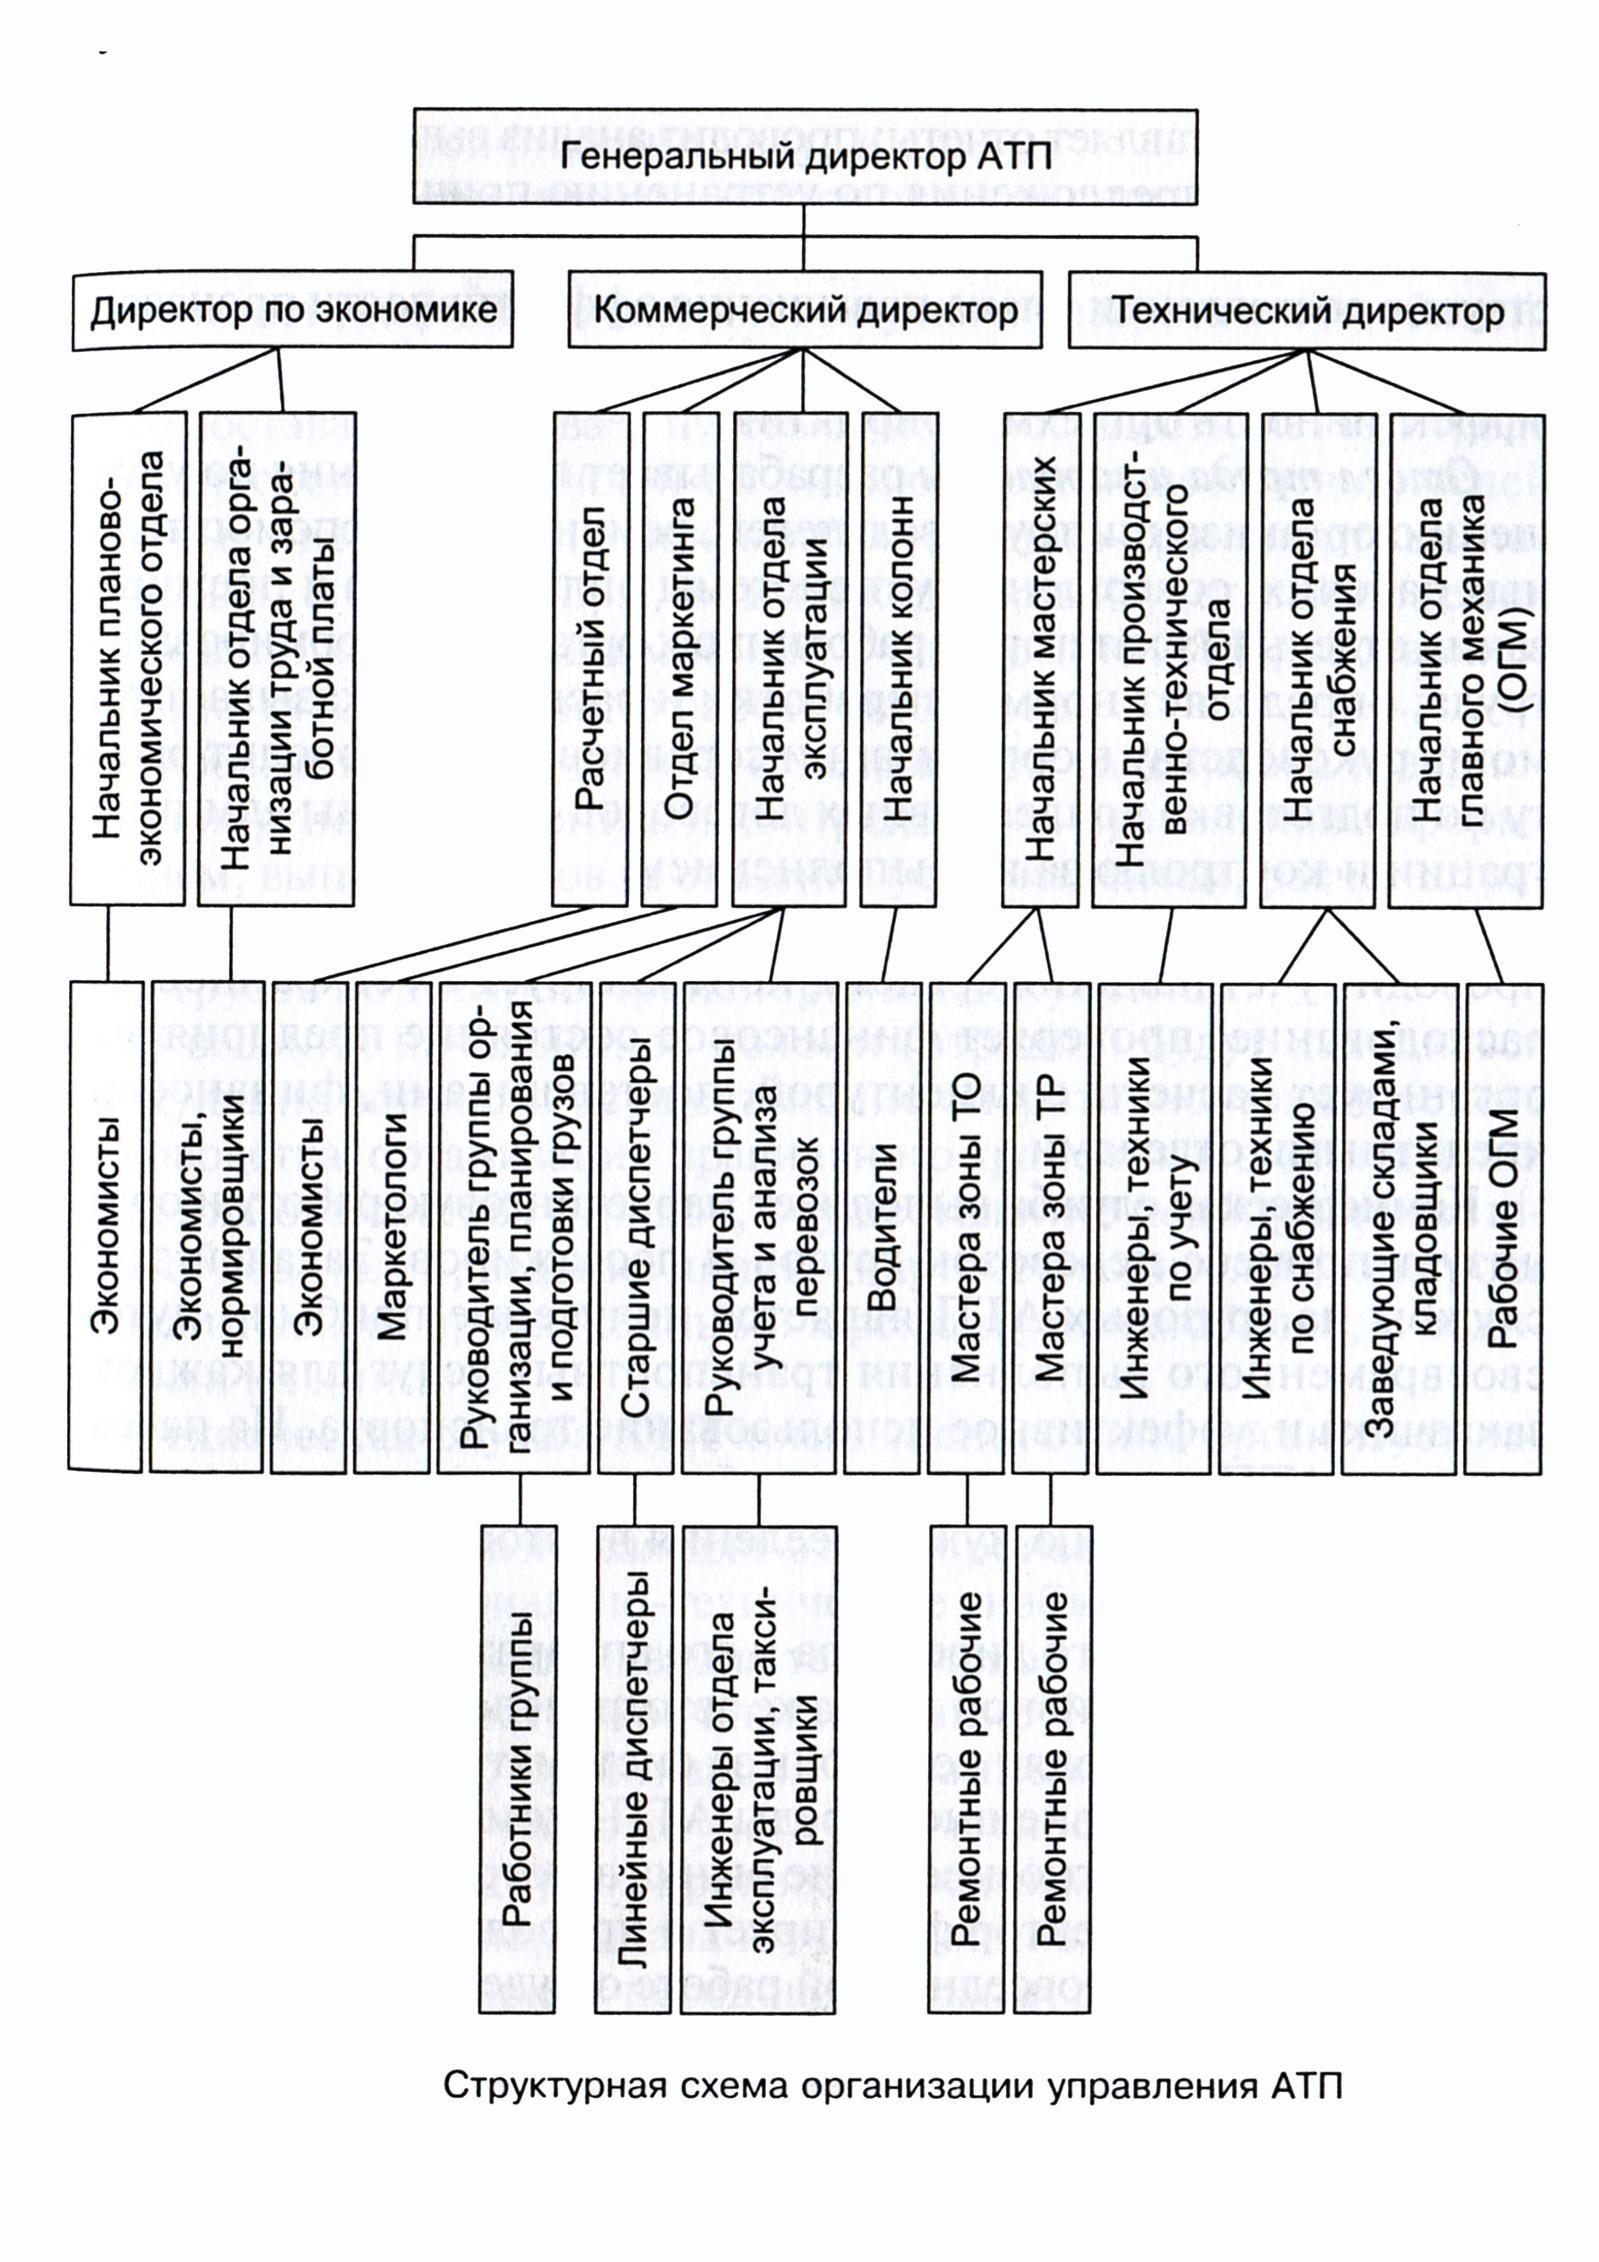 Характеристика структуры и функций отдела бухгалтерии подписью заявление регистрацию ооо